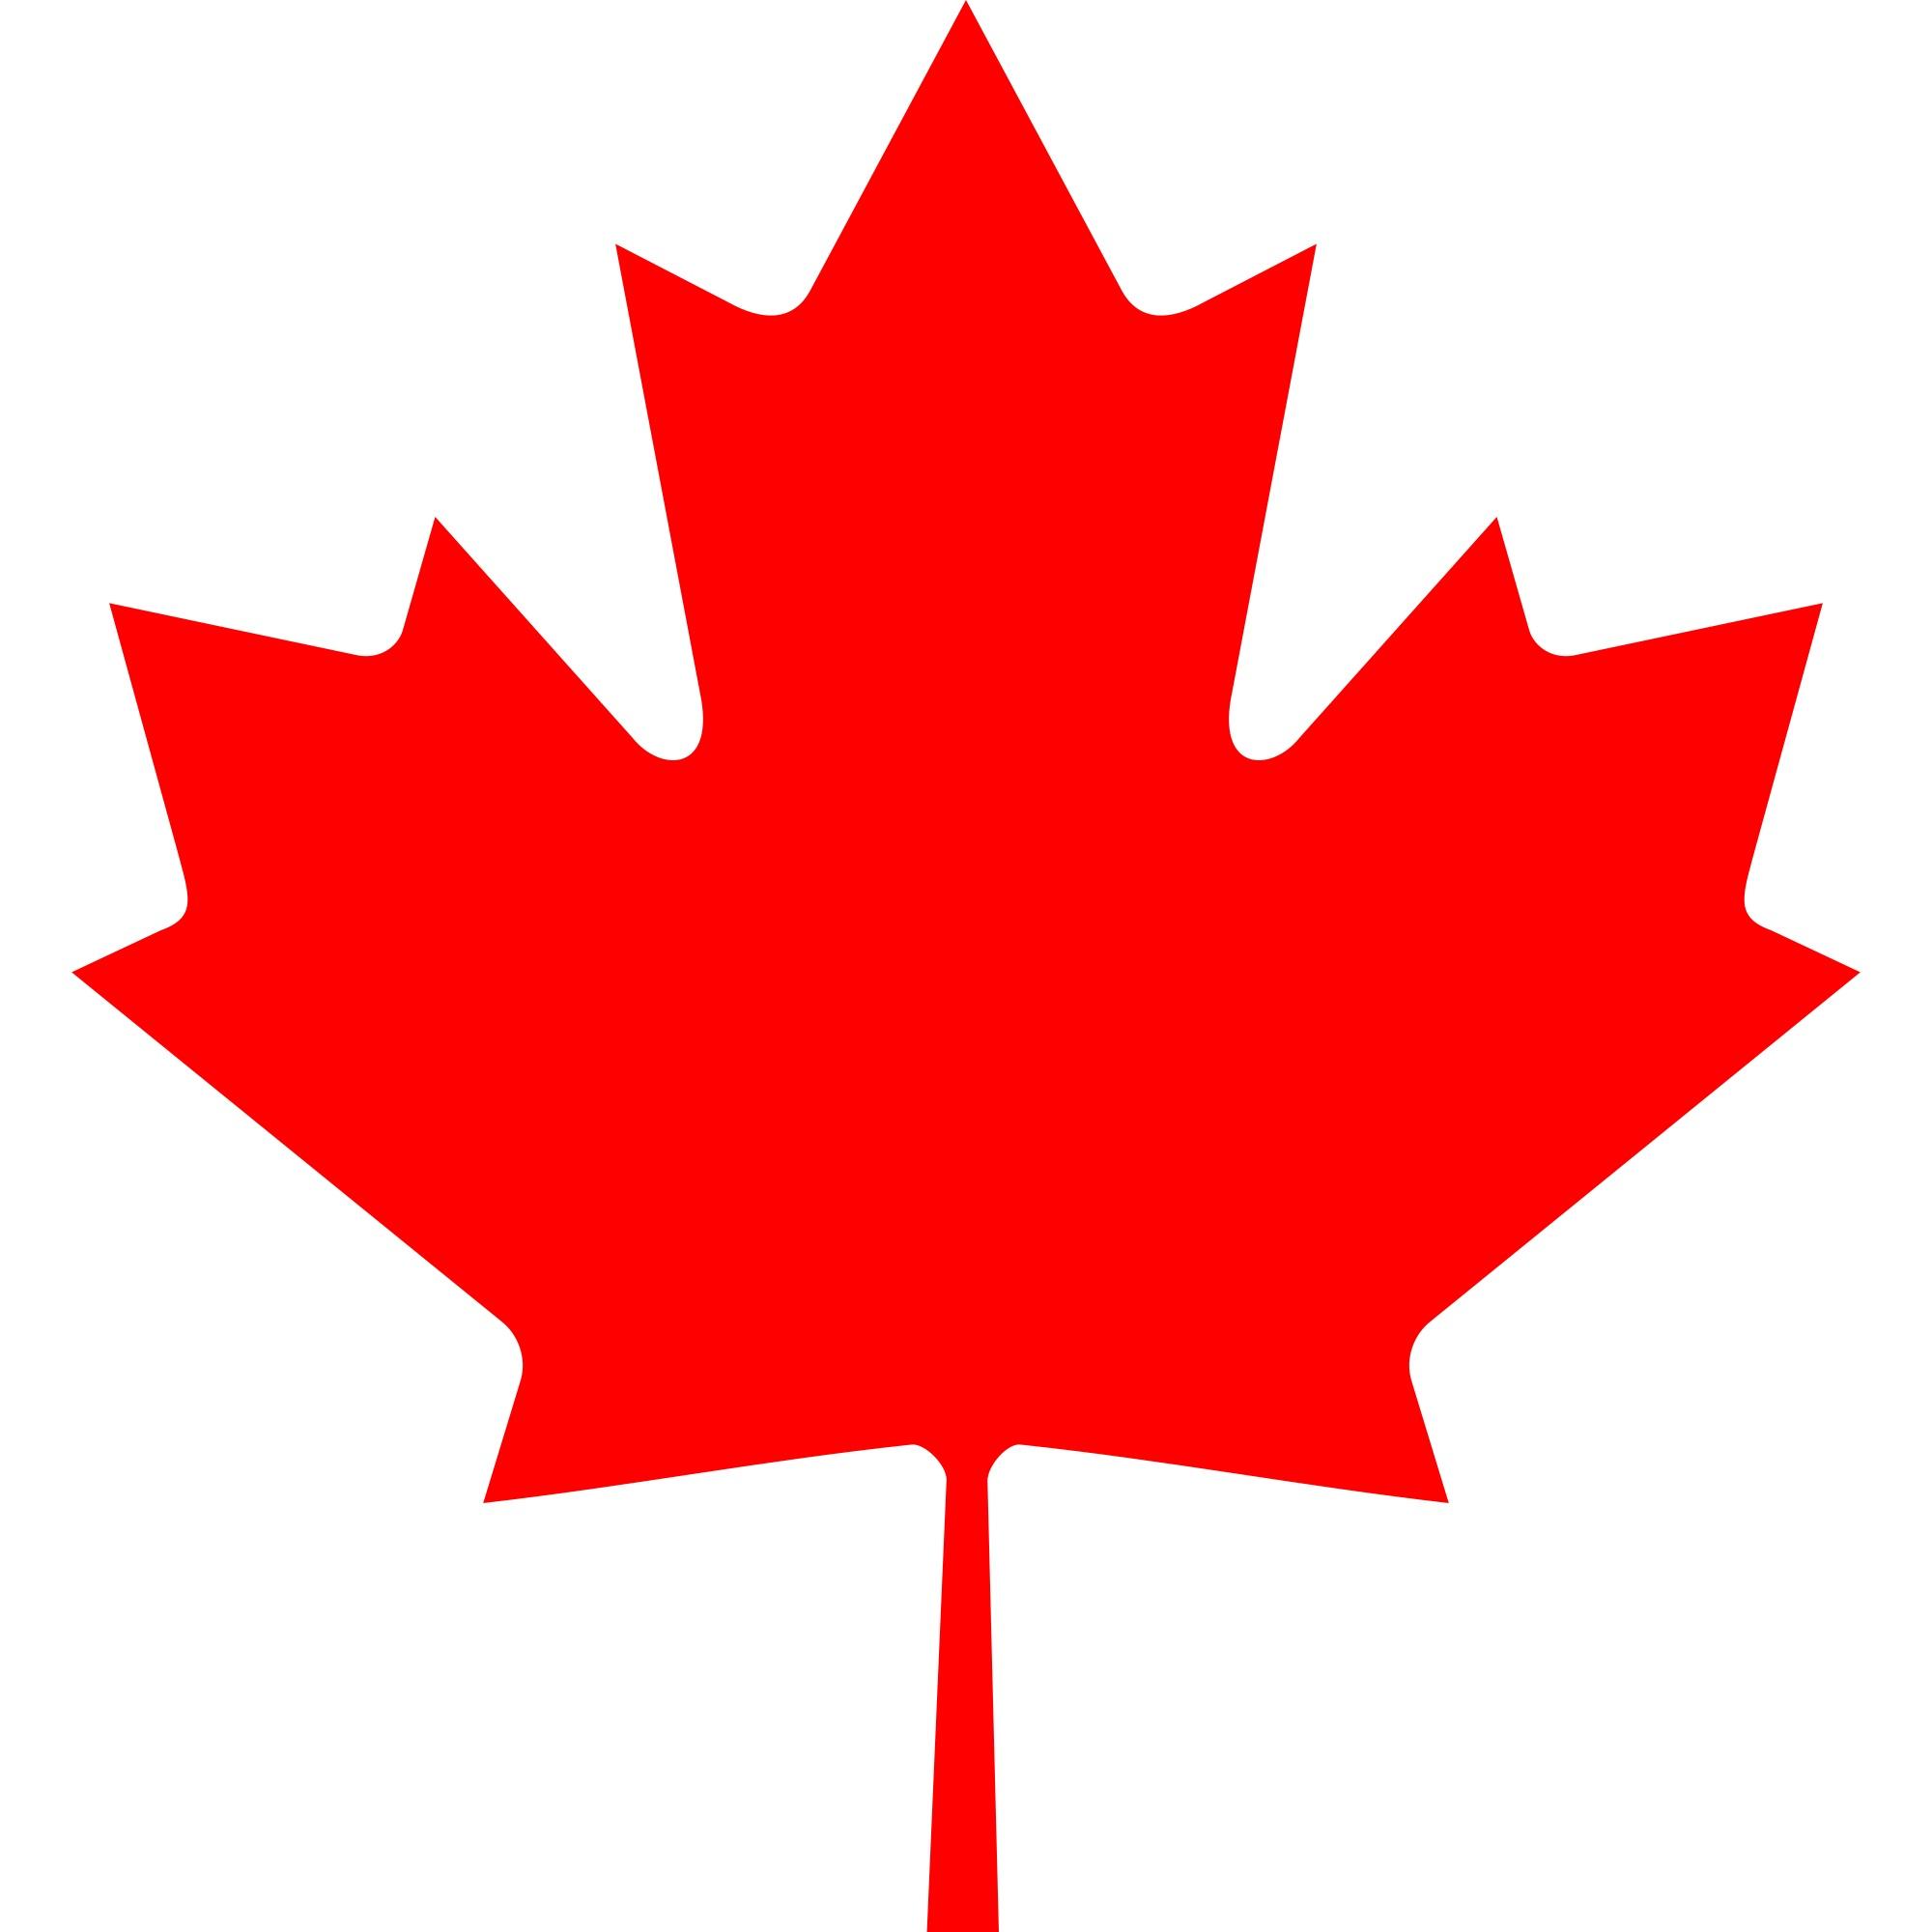 www.canadianpatriotpodcast.com